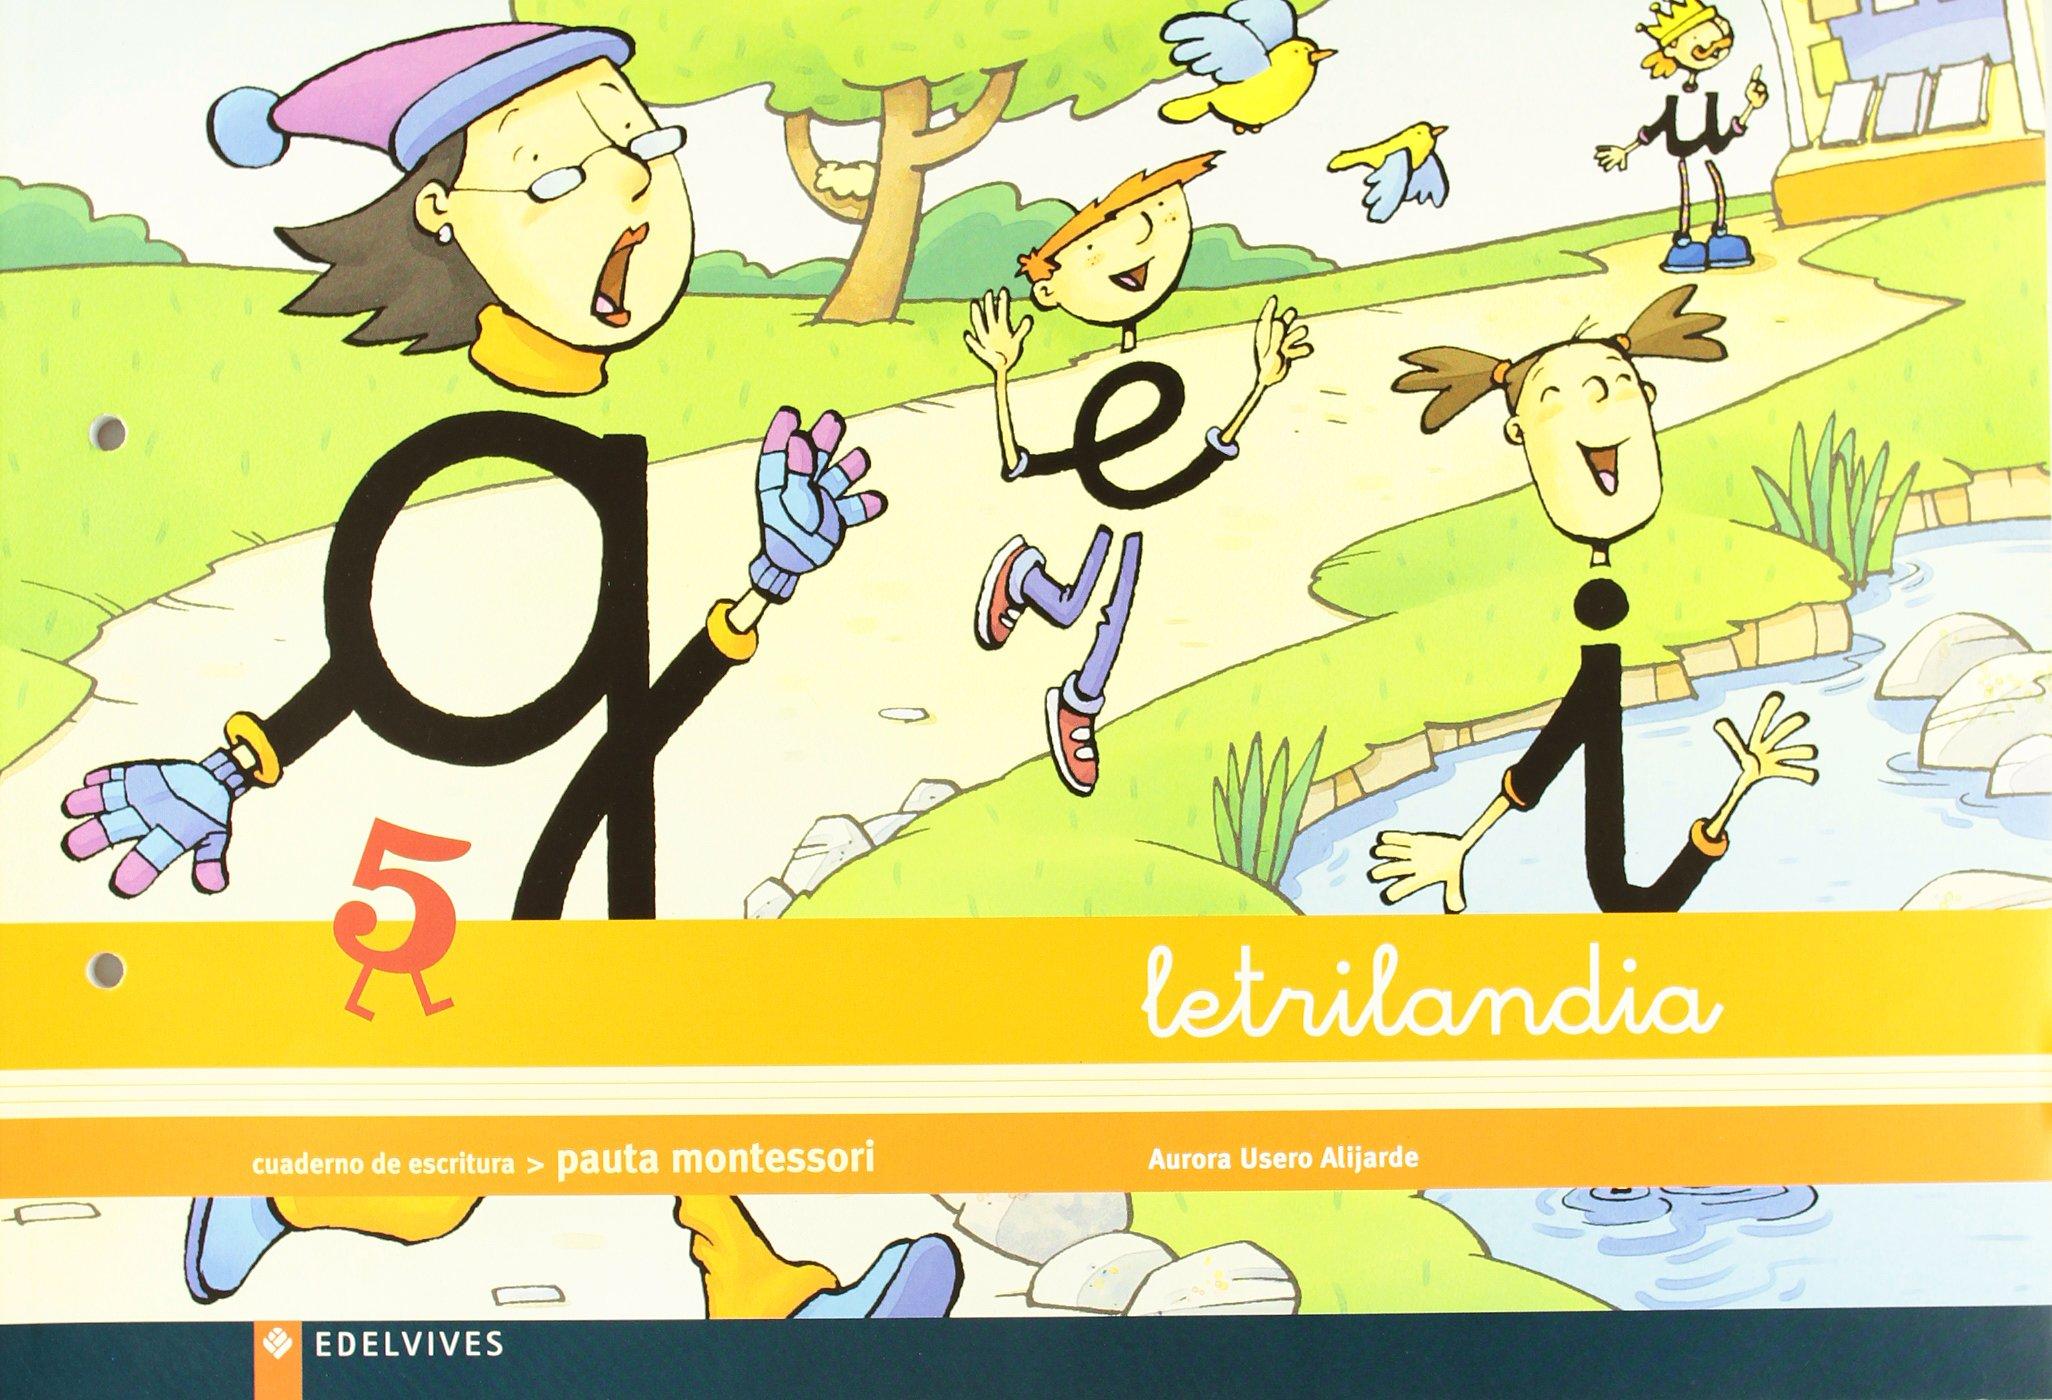 Letrilandia Cuaderno de Escritura, Pauta Montessori 5: Amazon.es: Aurora  Usero Alijarde: Libros